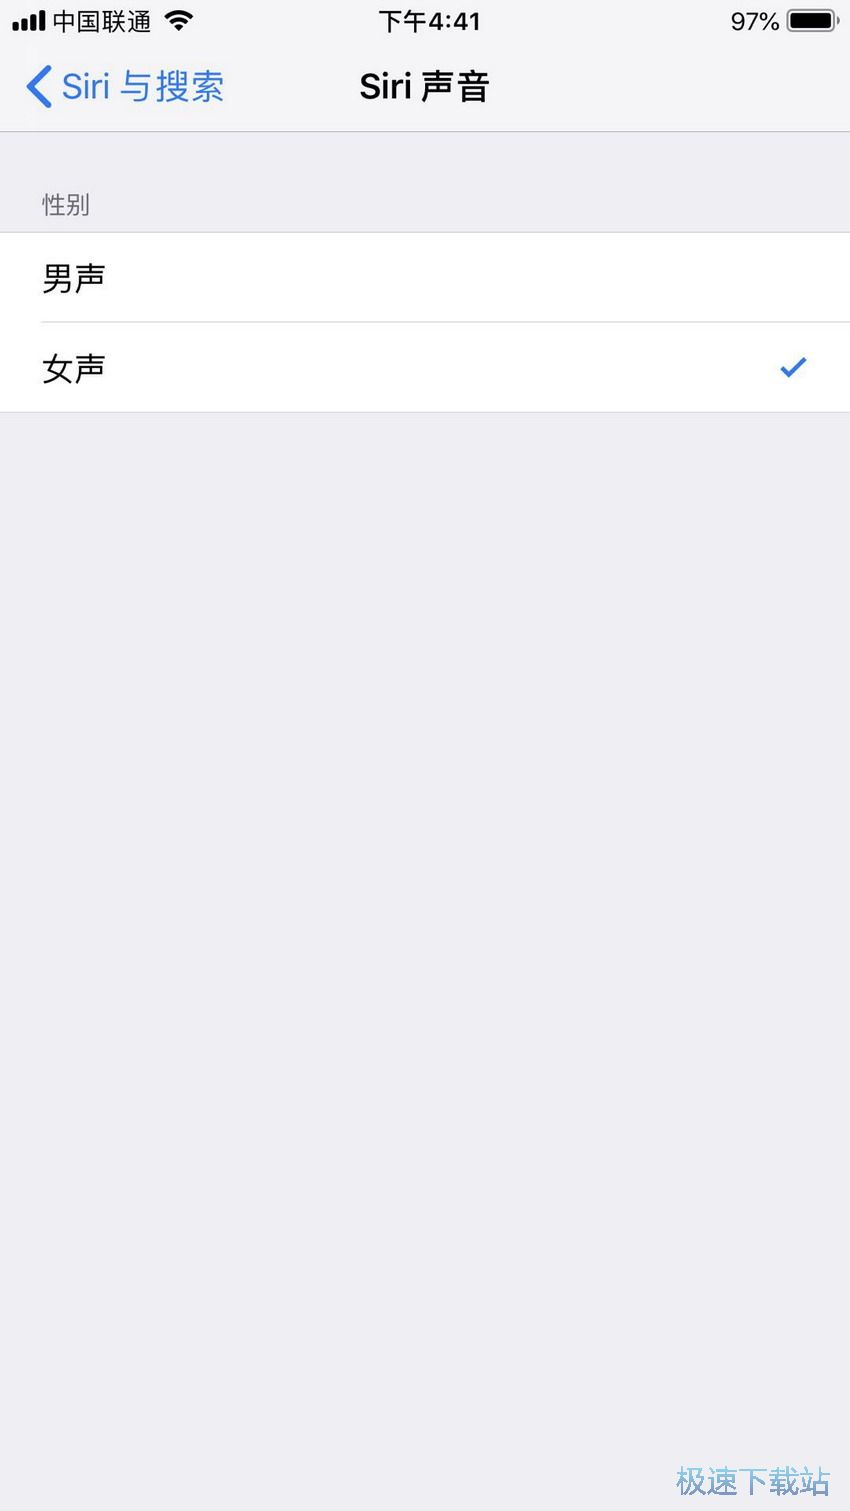 苹果手机怎么更换设置siri性别和语言? 缩略图